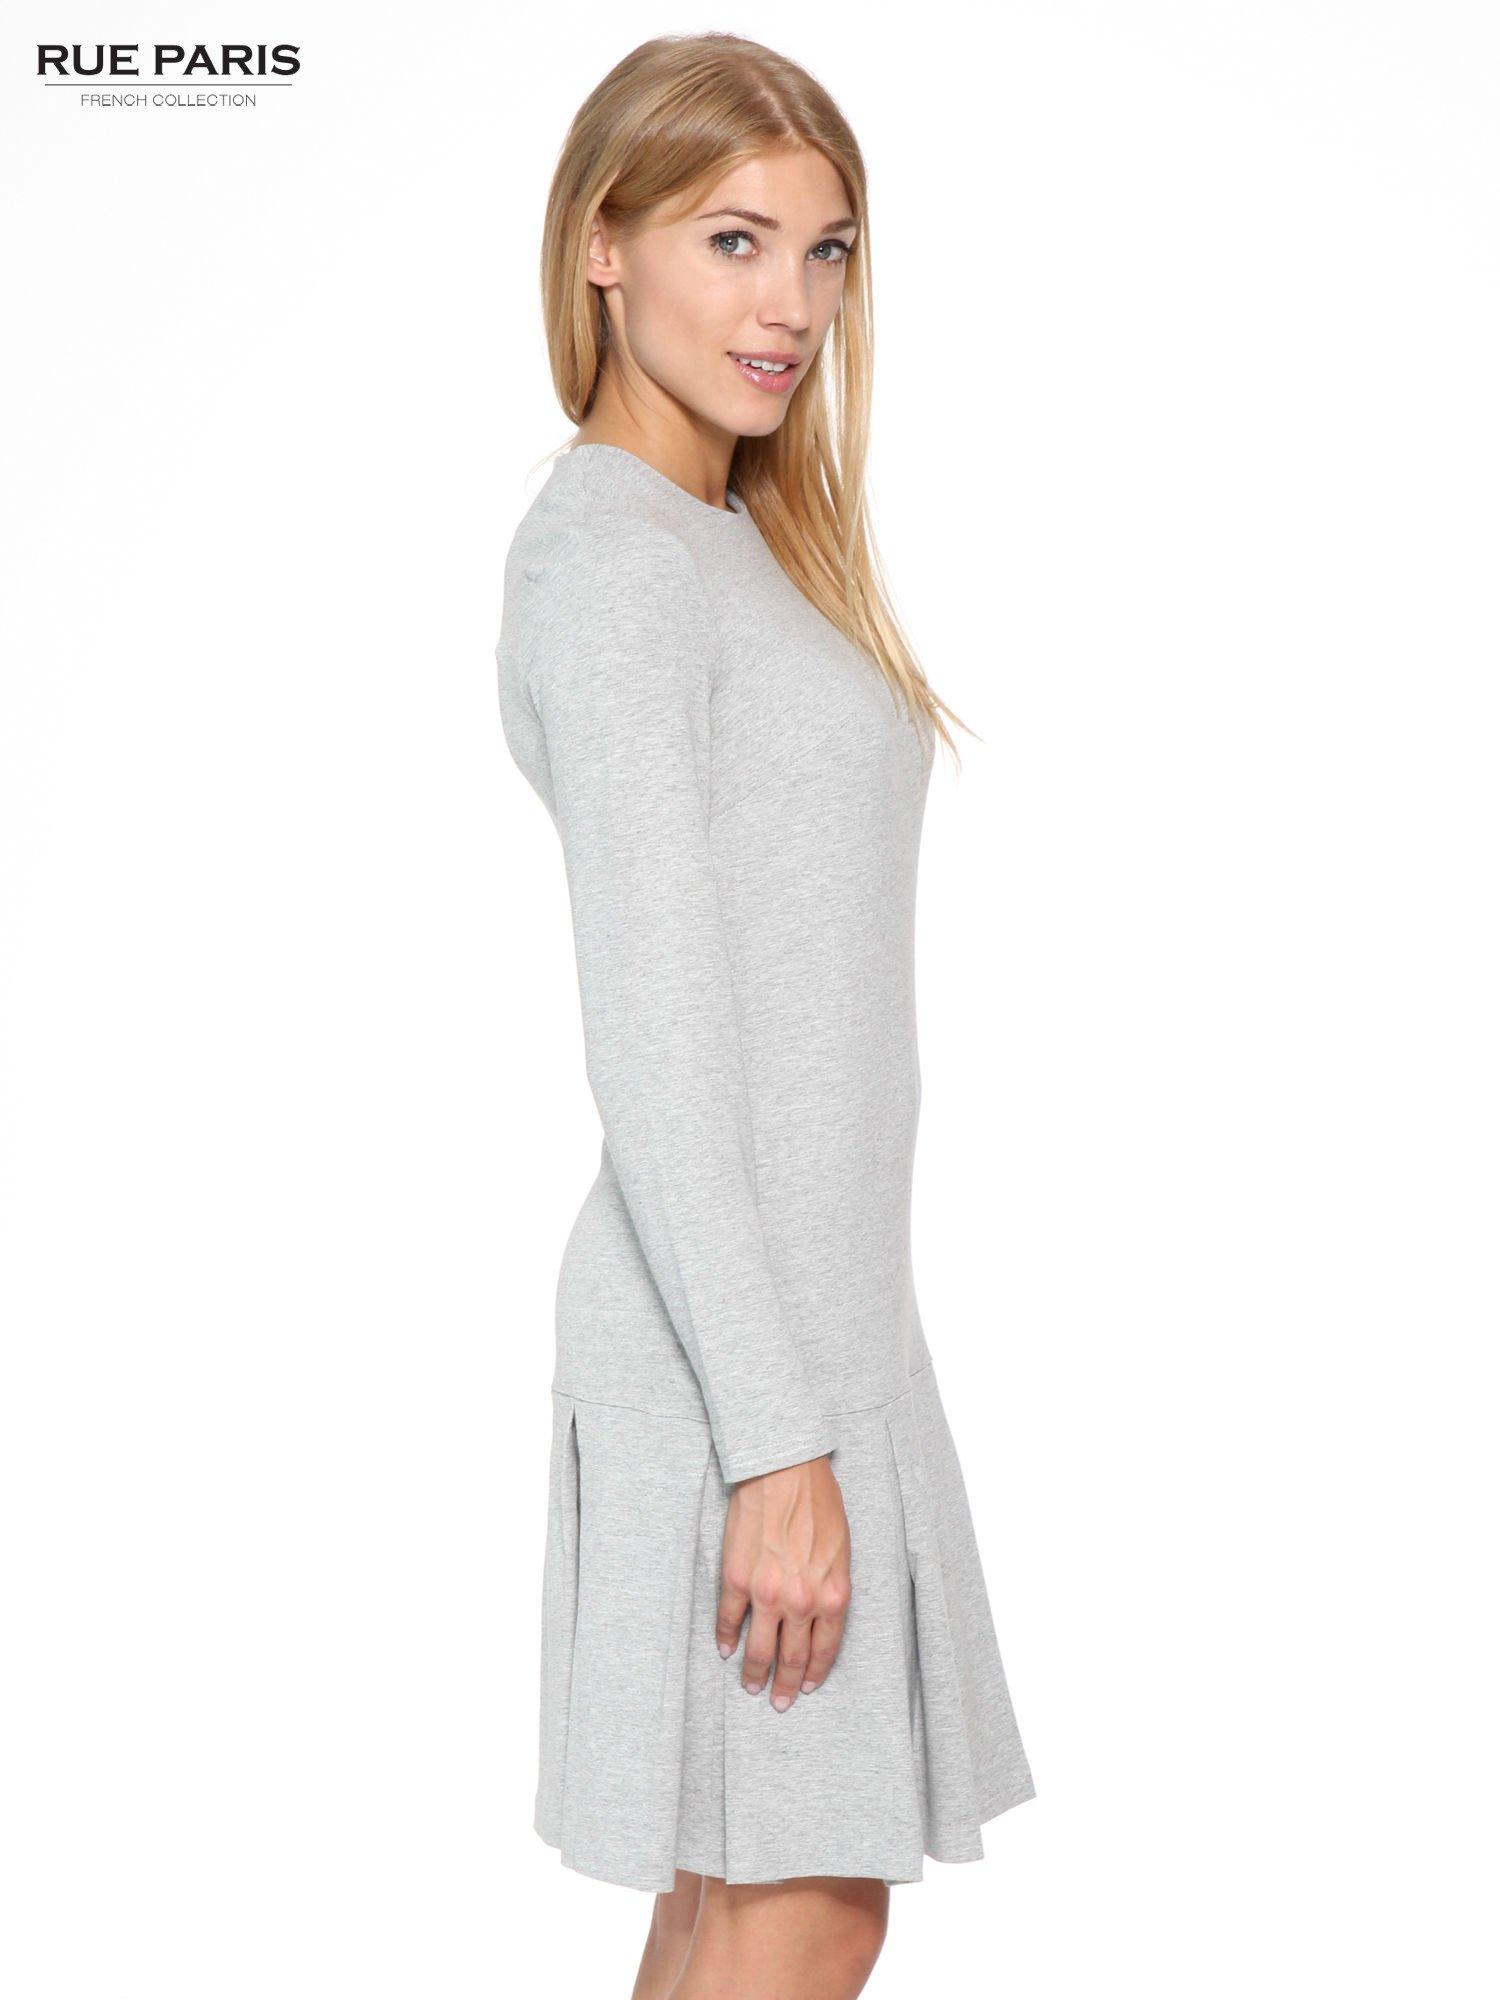 Szara dresowa sukienka z obniżoną talią i kontrafałdami                                  zdj.                                  3